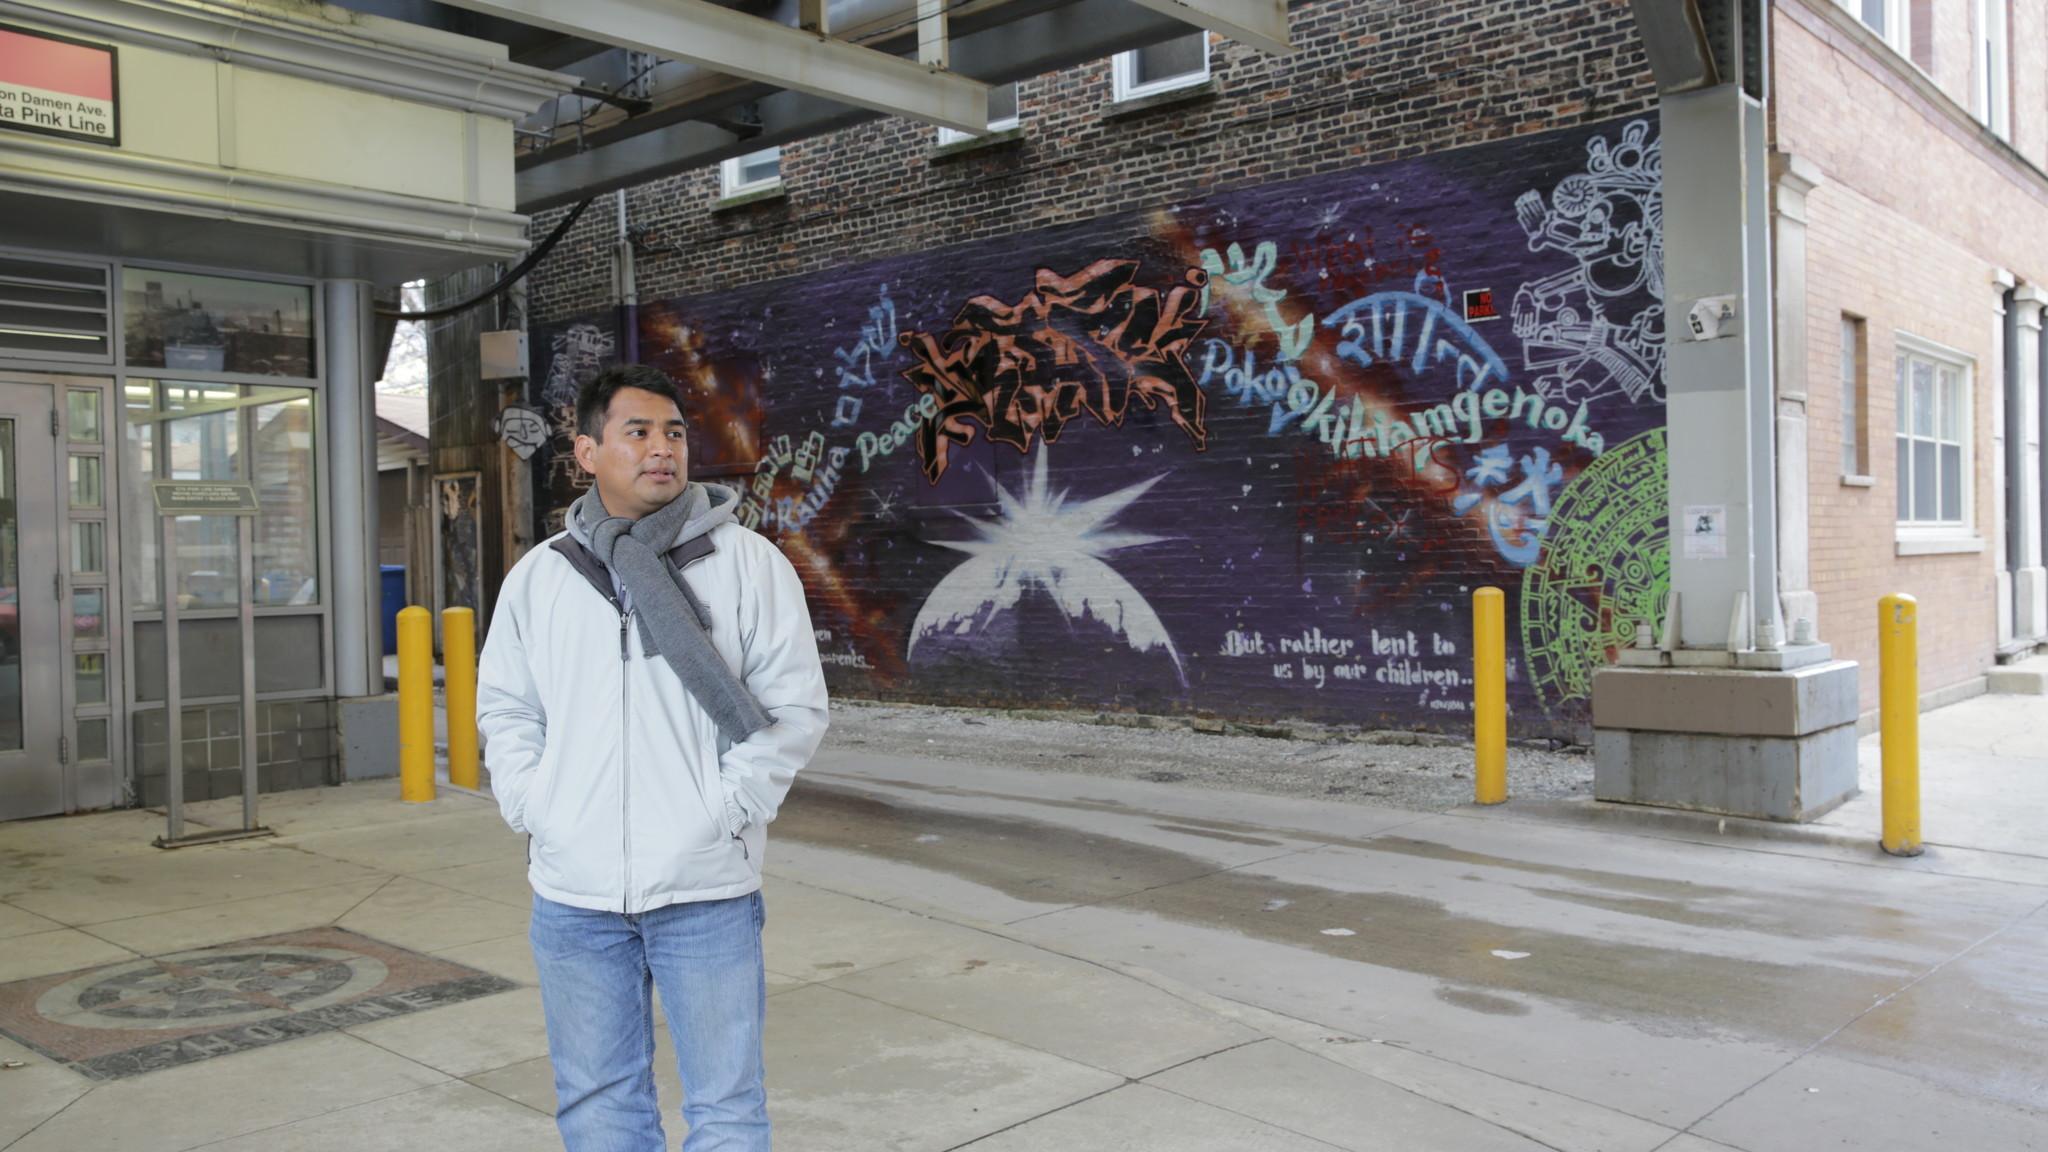 Ct-hoy-joven-estadounidense-regresa-a-eeuu-a-conocer-su-pais-despues-de-ser-criado-en-una-comunidad-indigen-20171016